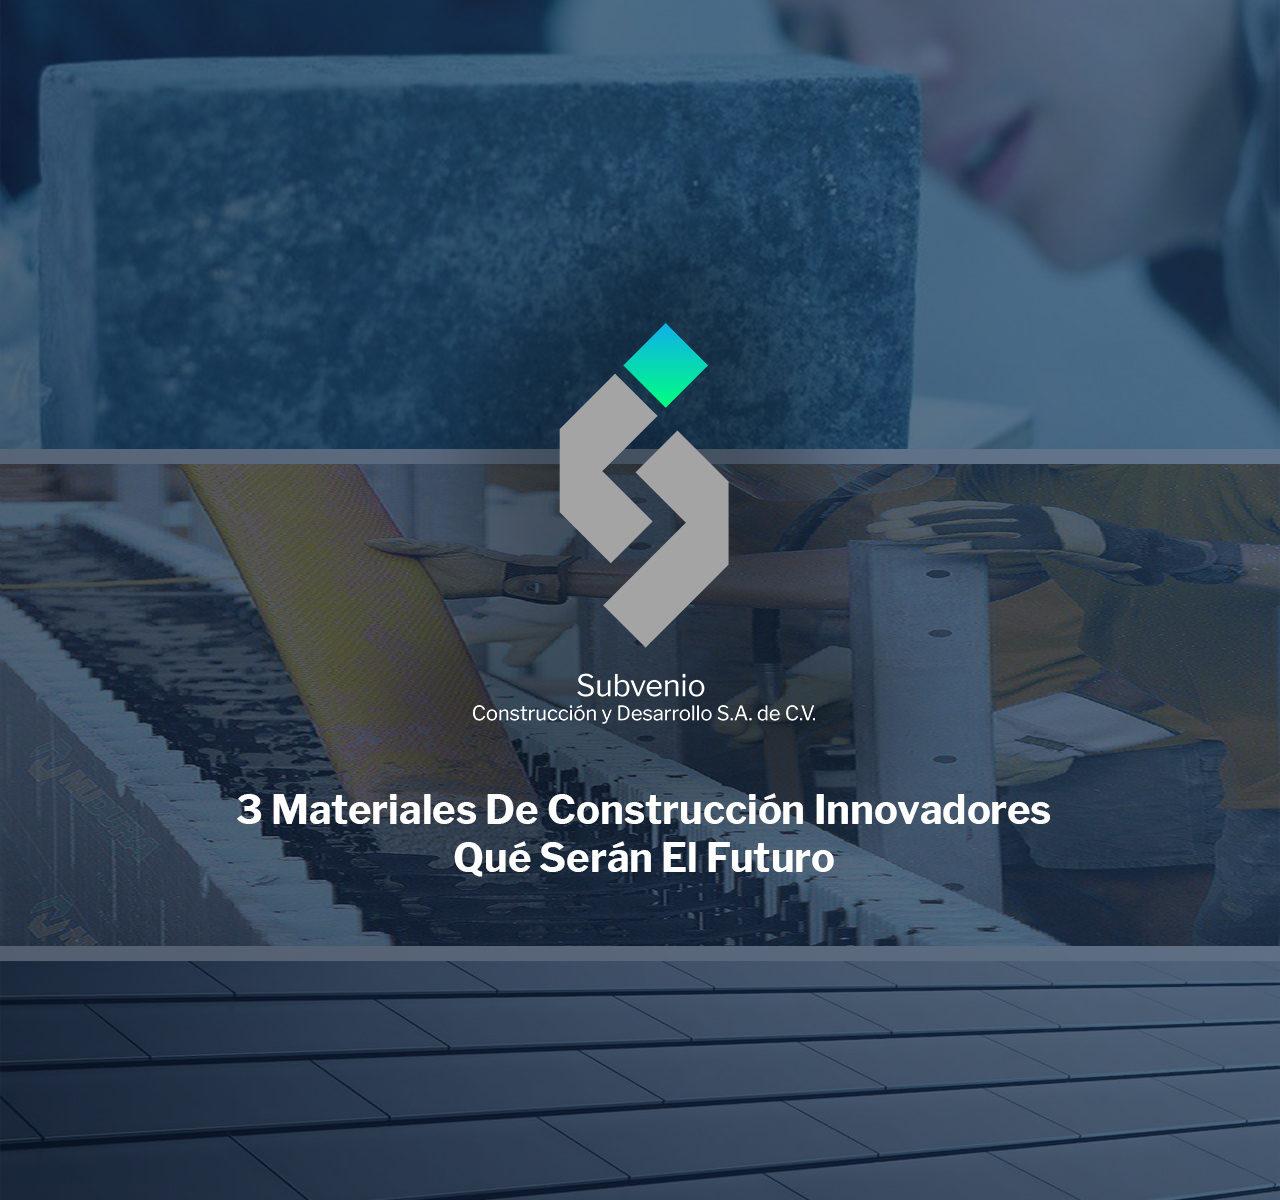 3 Materiales De Construcción Innovadores Qué Serán El Futuro